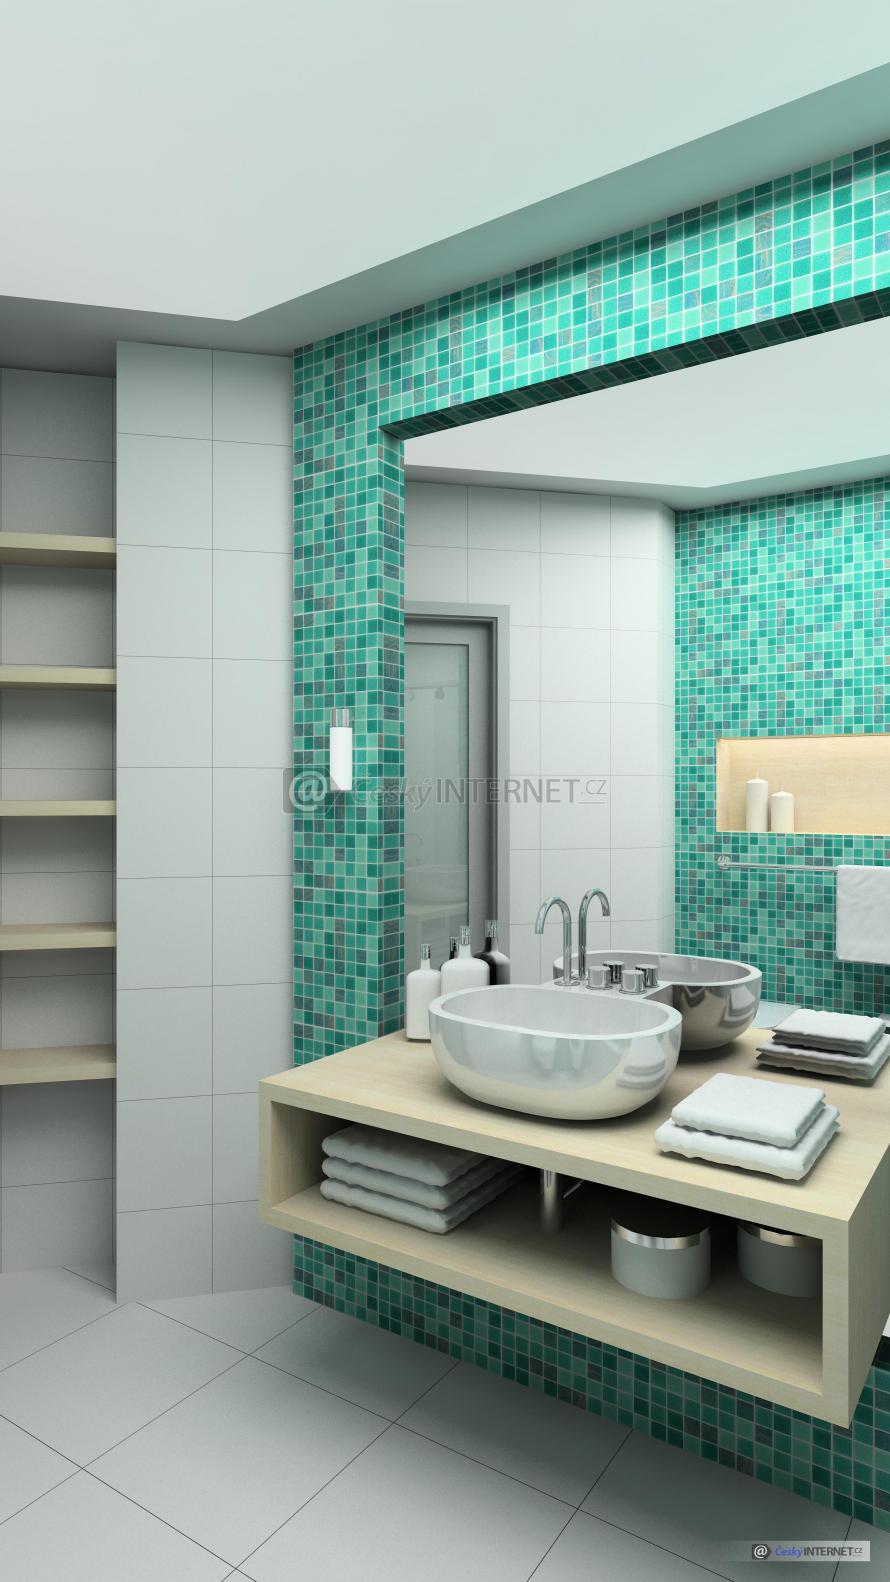 Moderní koupelna, obložená stěna se zrcadlem a volně stojícím umyvadlem.